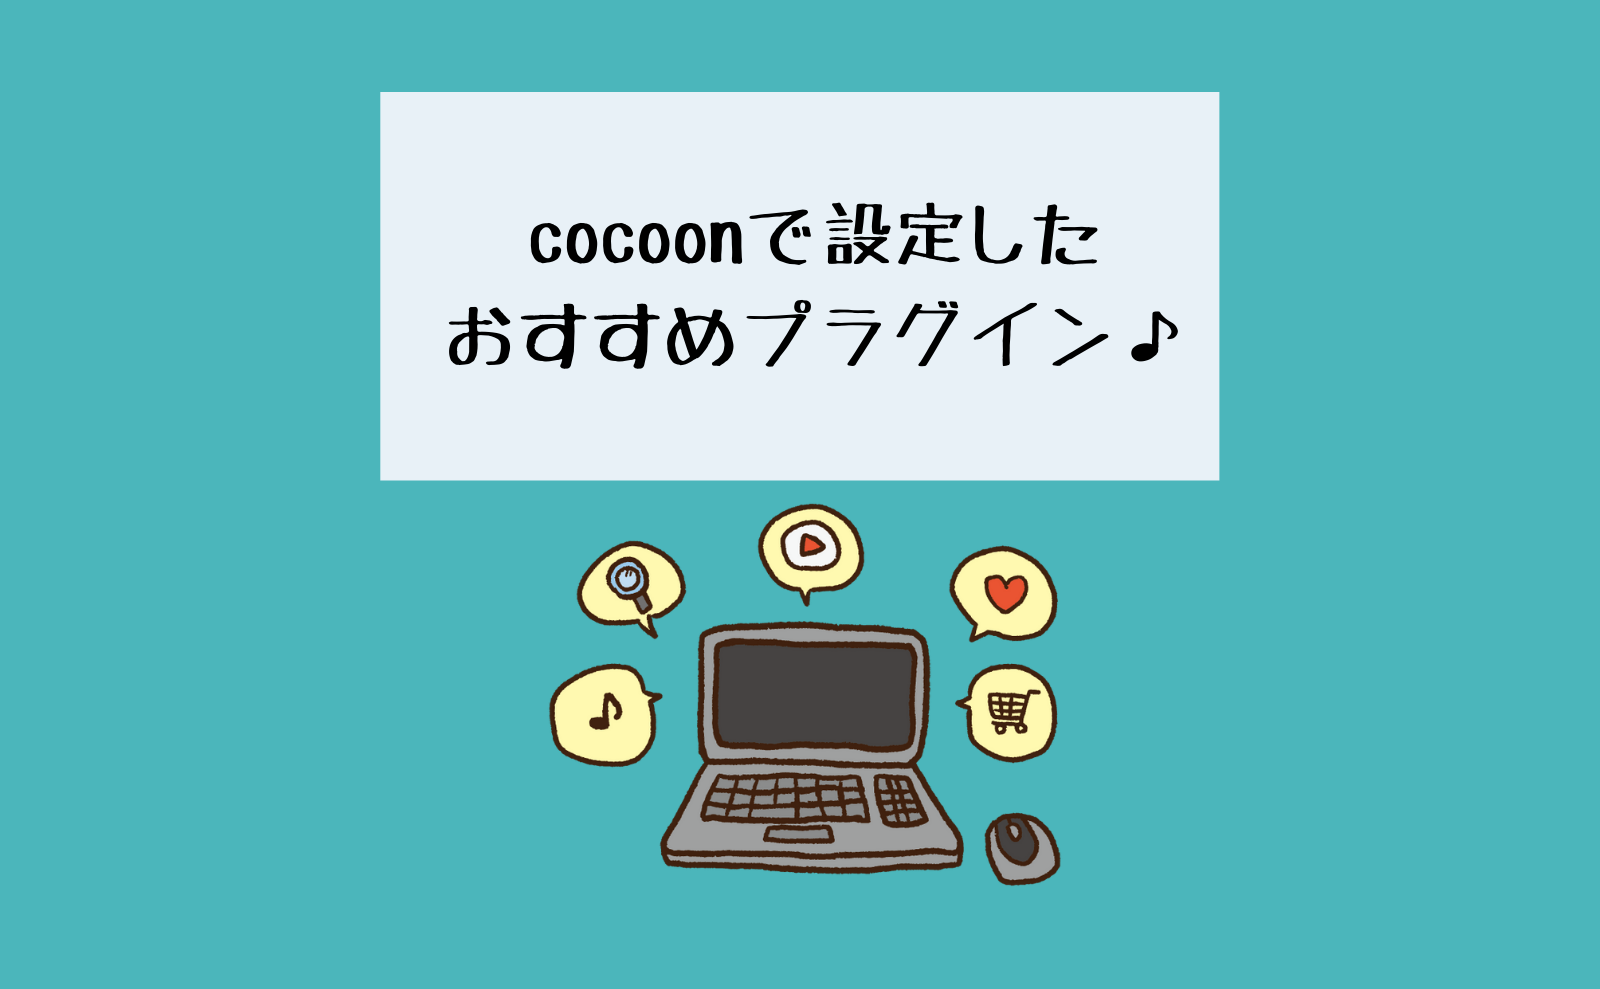 【初心者】cocoonで設定したおすすめプラグイン♪ | よしゆるブログ